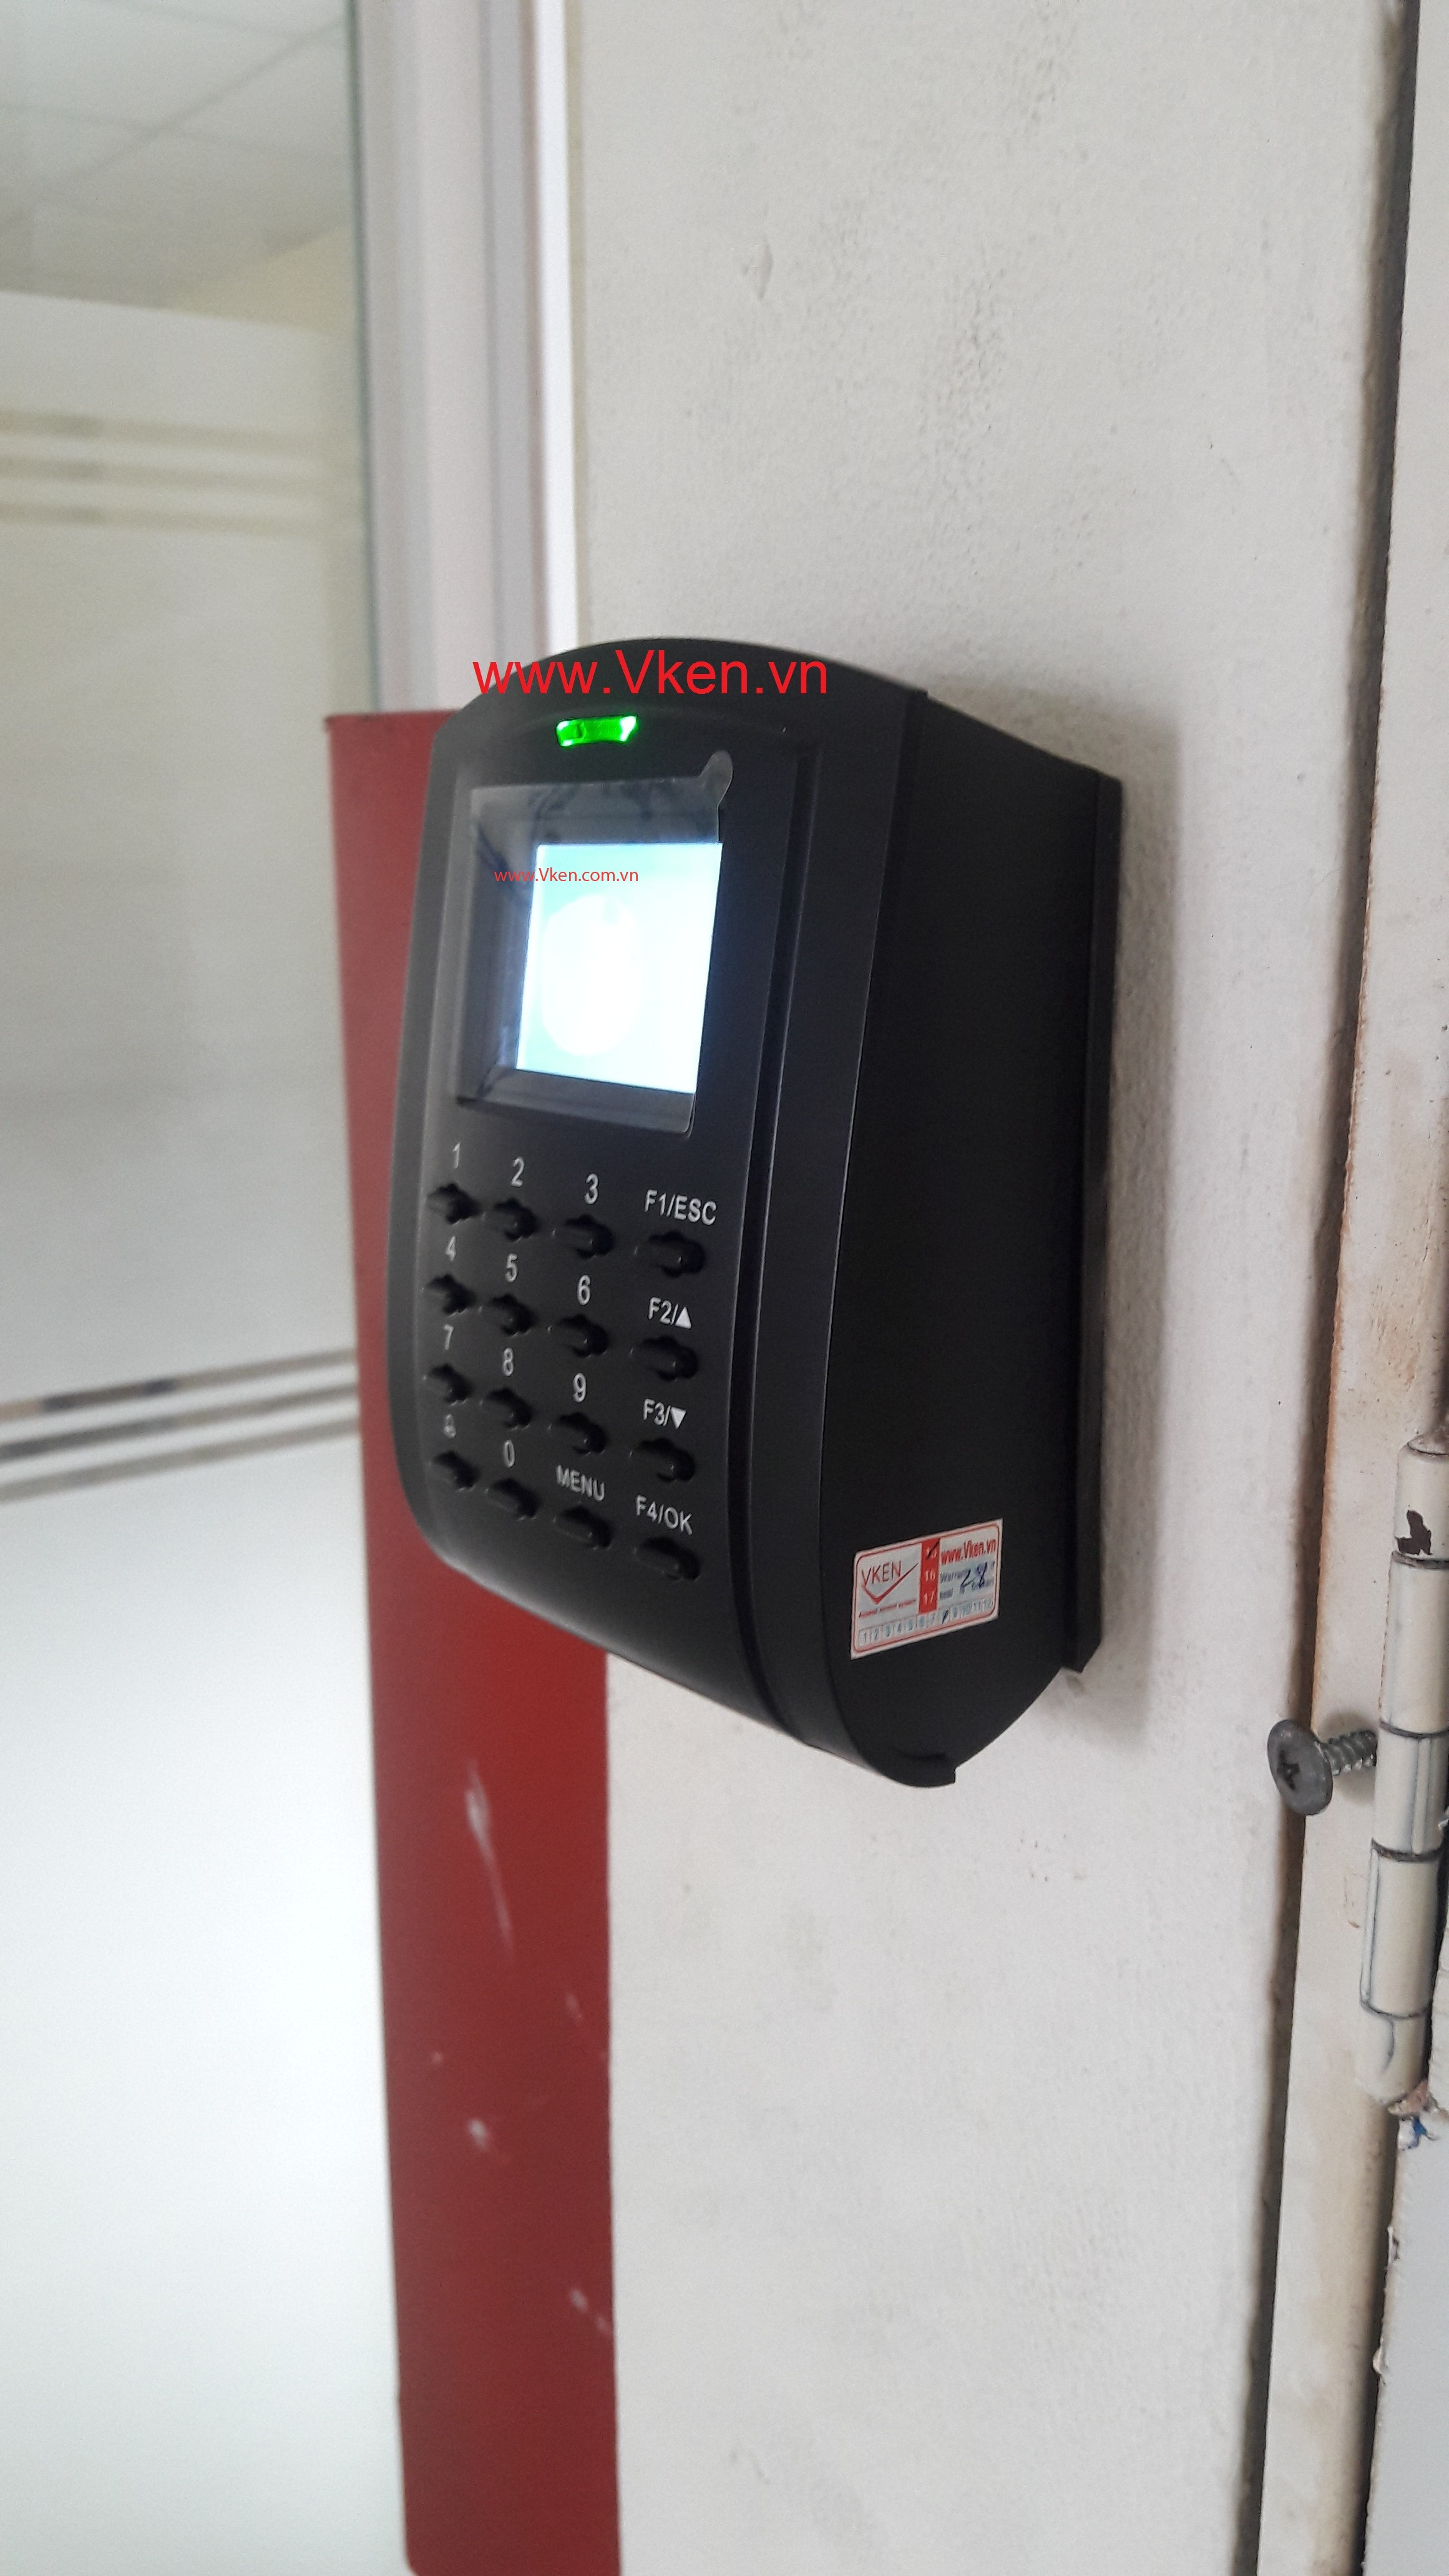 Thiết bị đọc thẻ kiểm soát nhân viên ra vào cửa